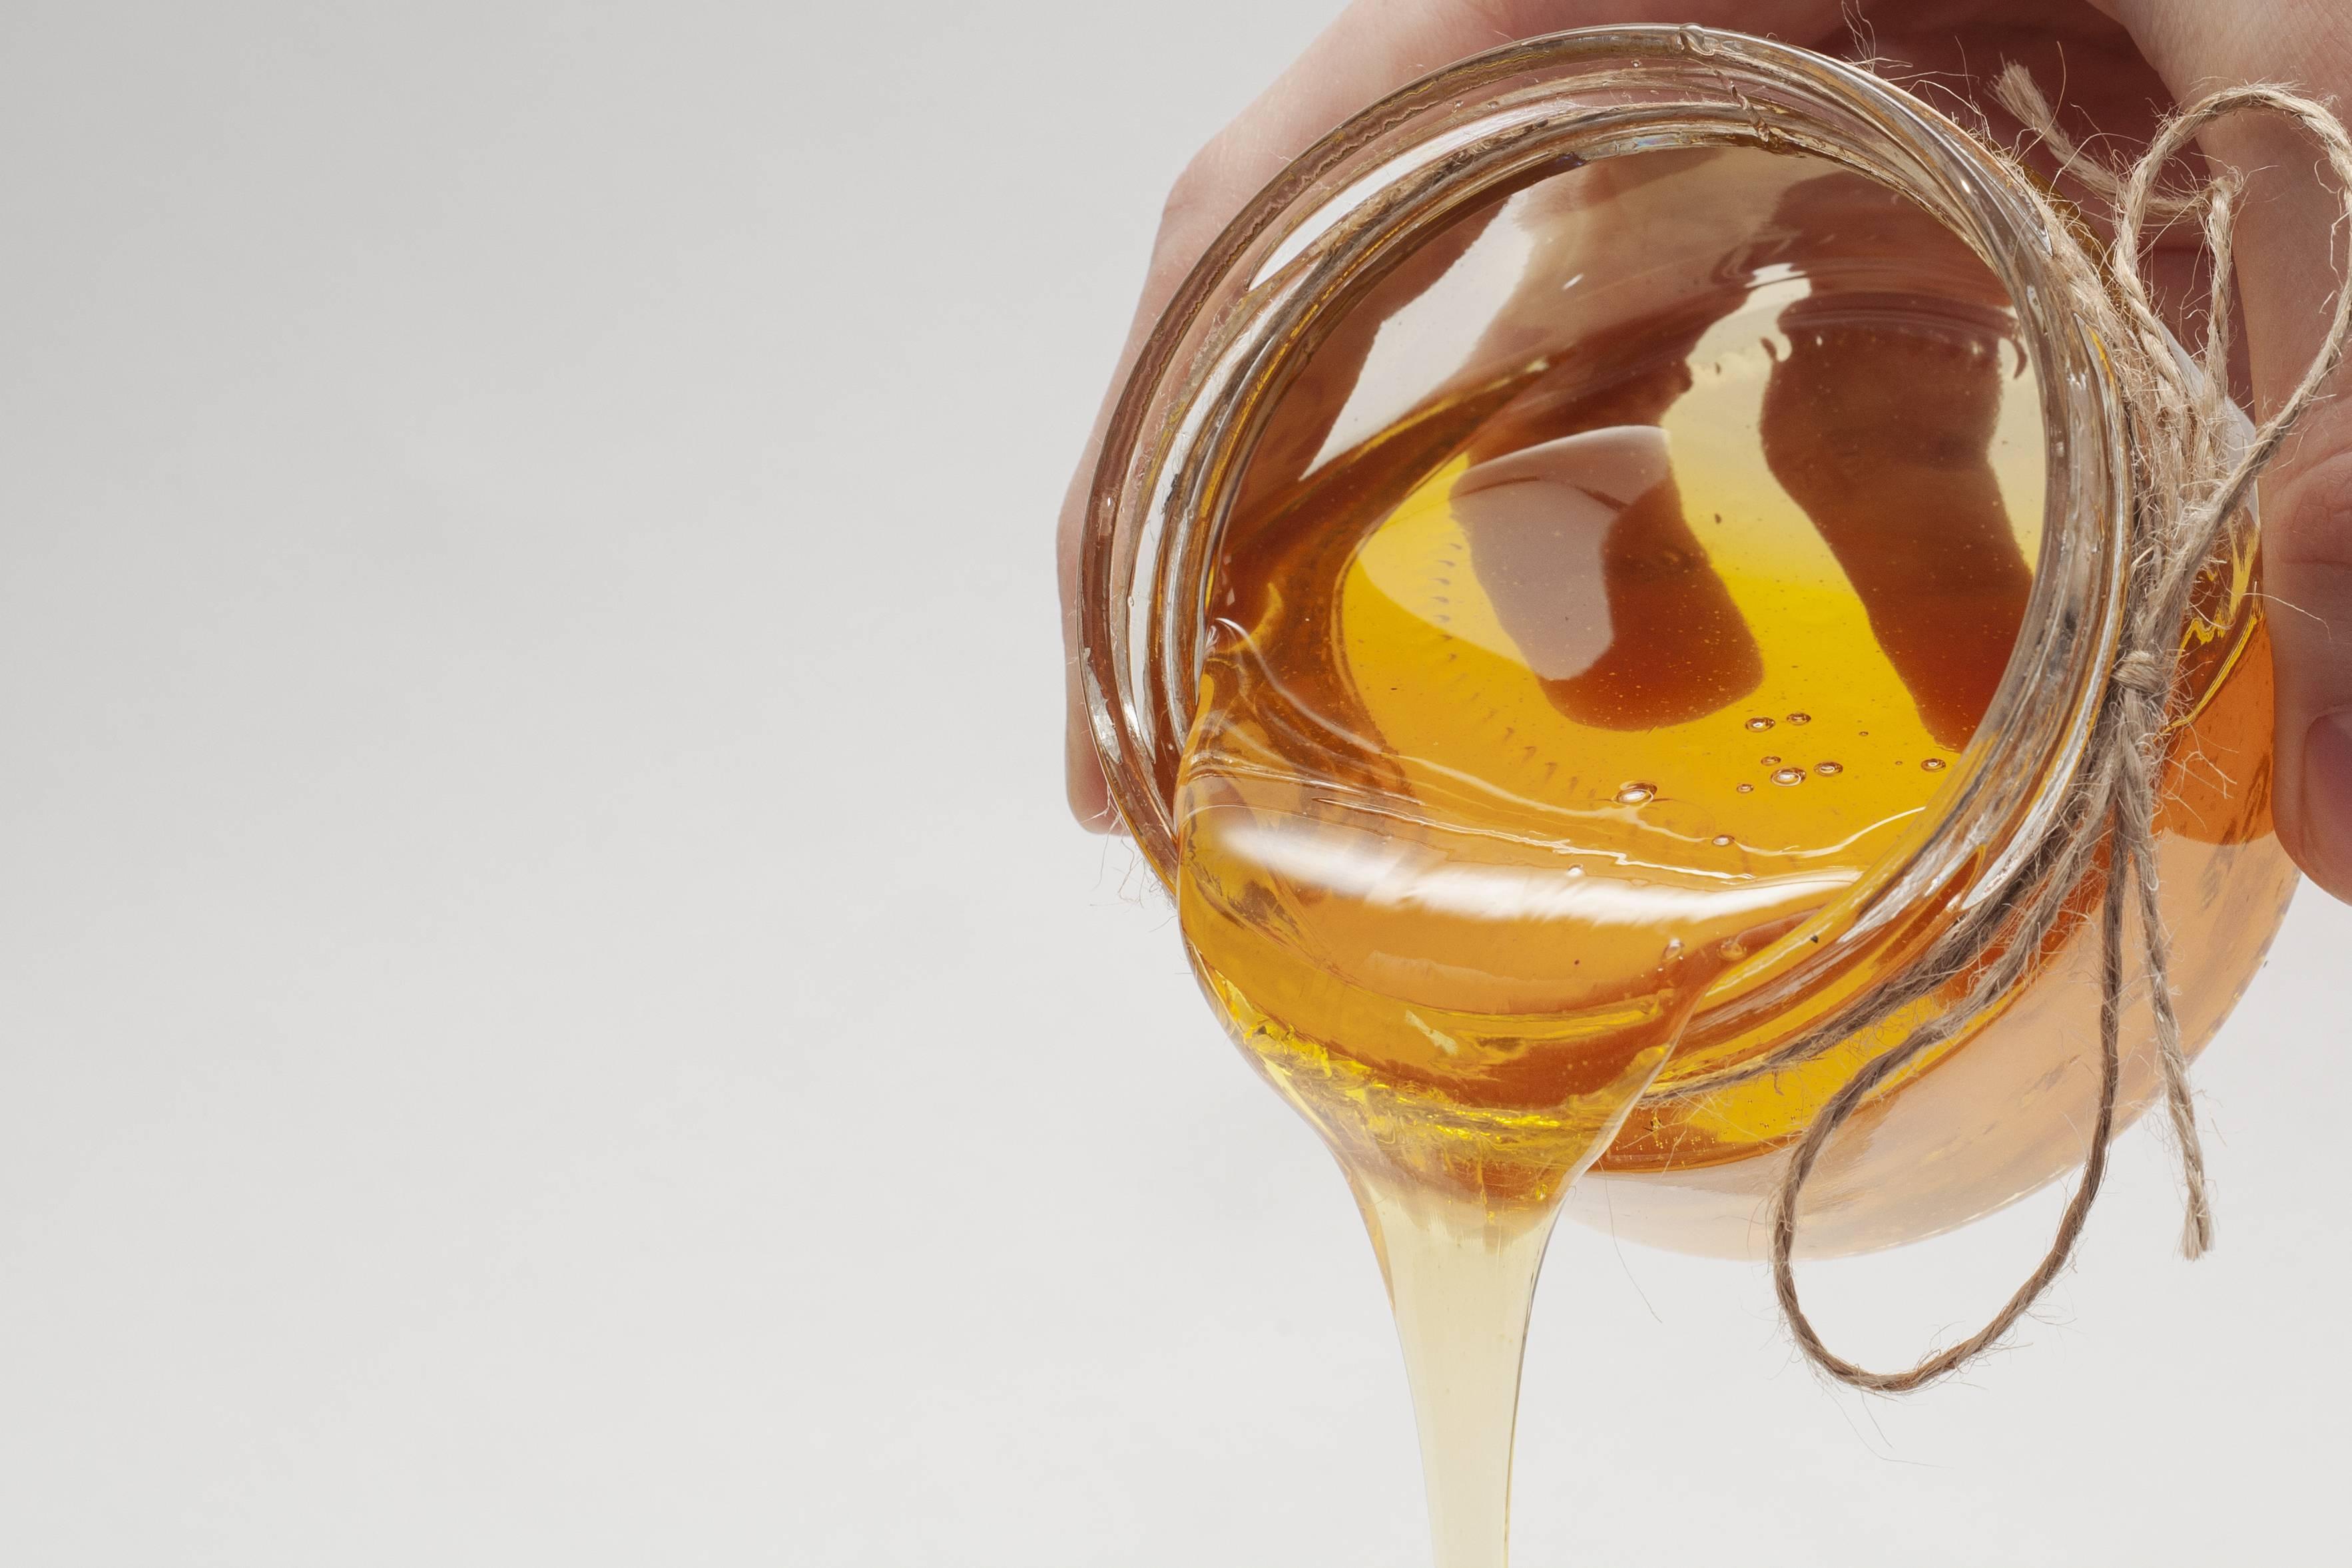 Глюкозный сироп: состав, применение в кулинарии, чем можно заменить. 3 рецепта, как сделать глюкозный сироп в домашних условиях